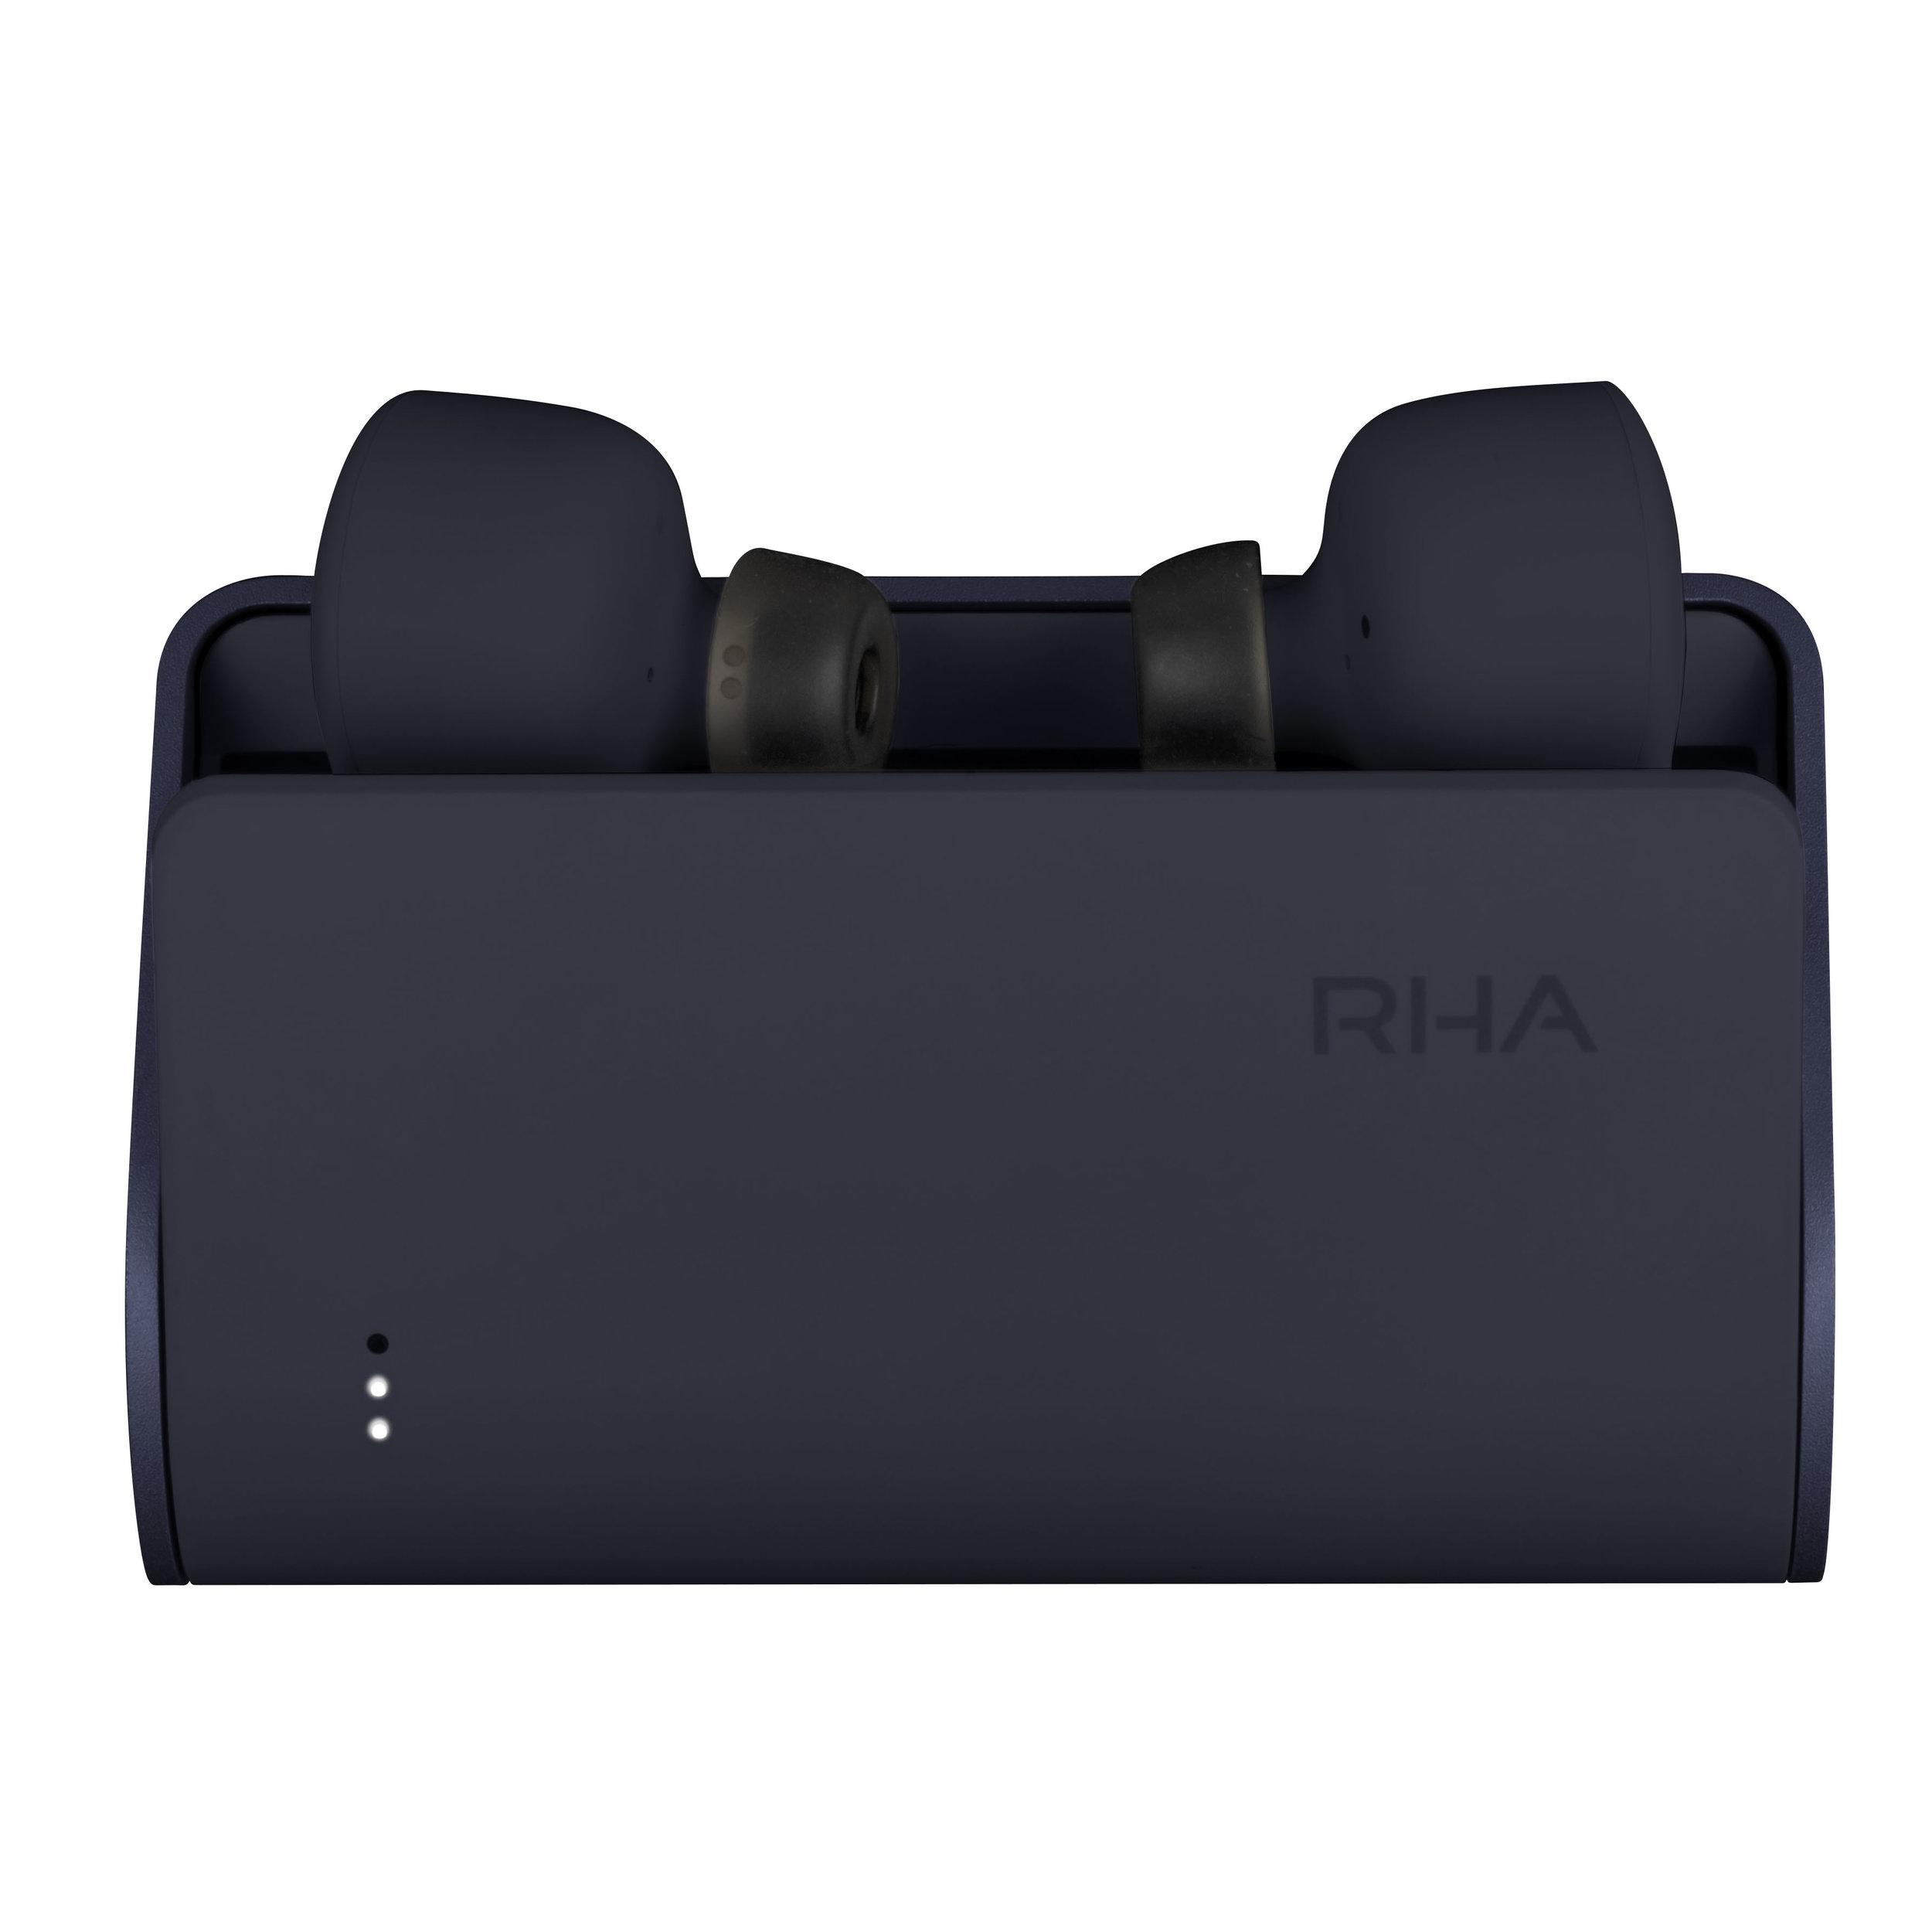 RHA_TrueConnectPackaging_190508_MRP_0041.jpg